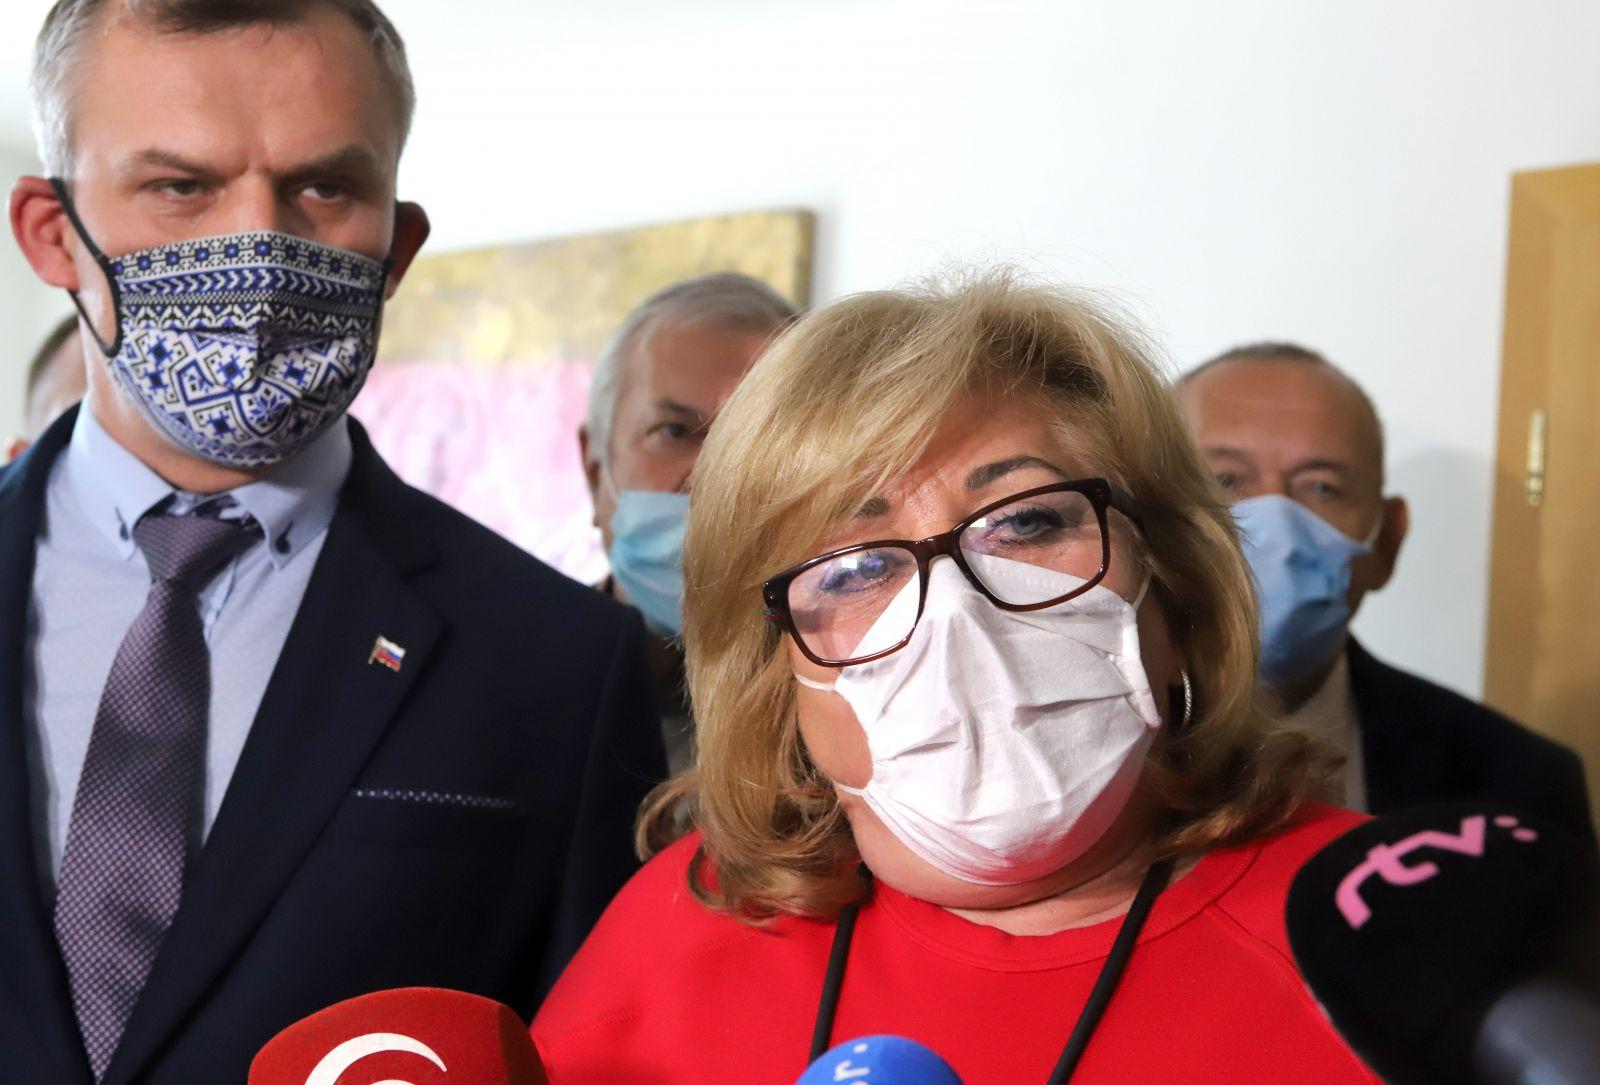 Banskobystrickí Smeráci chcú za predsedu Pellegriniho. Fico ich kritizuje